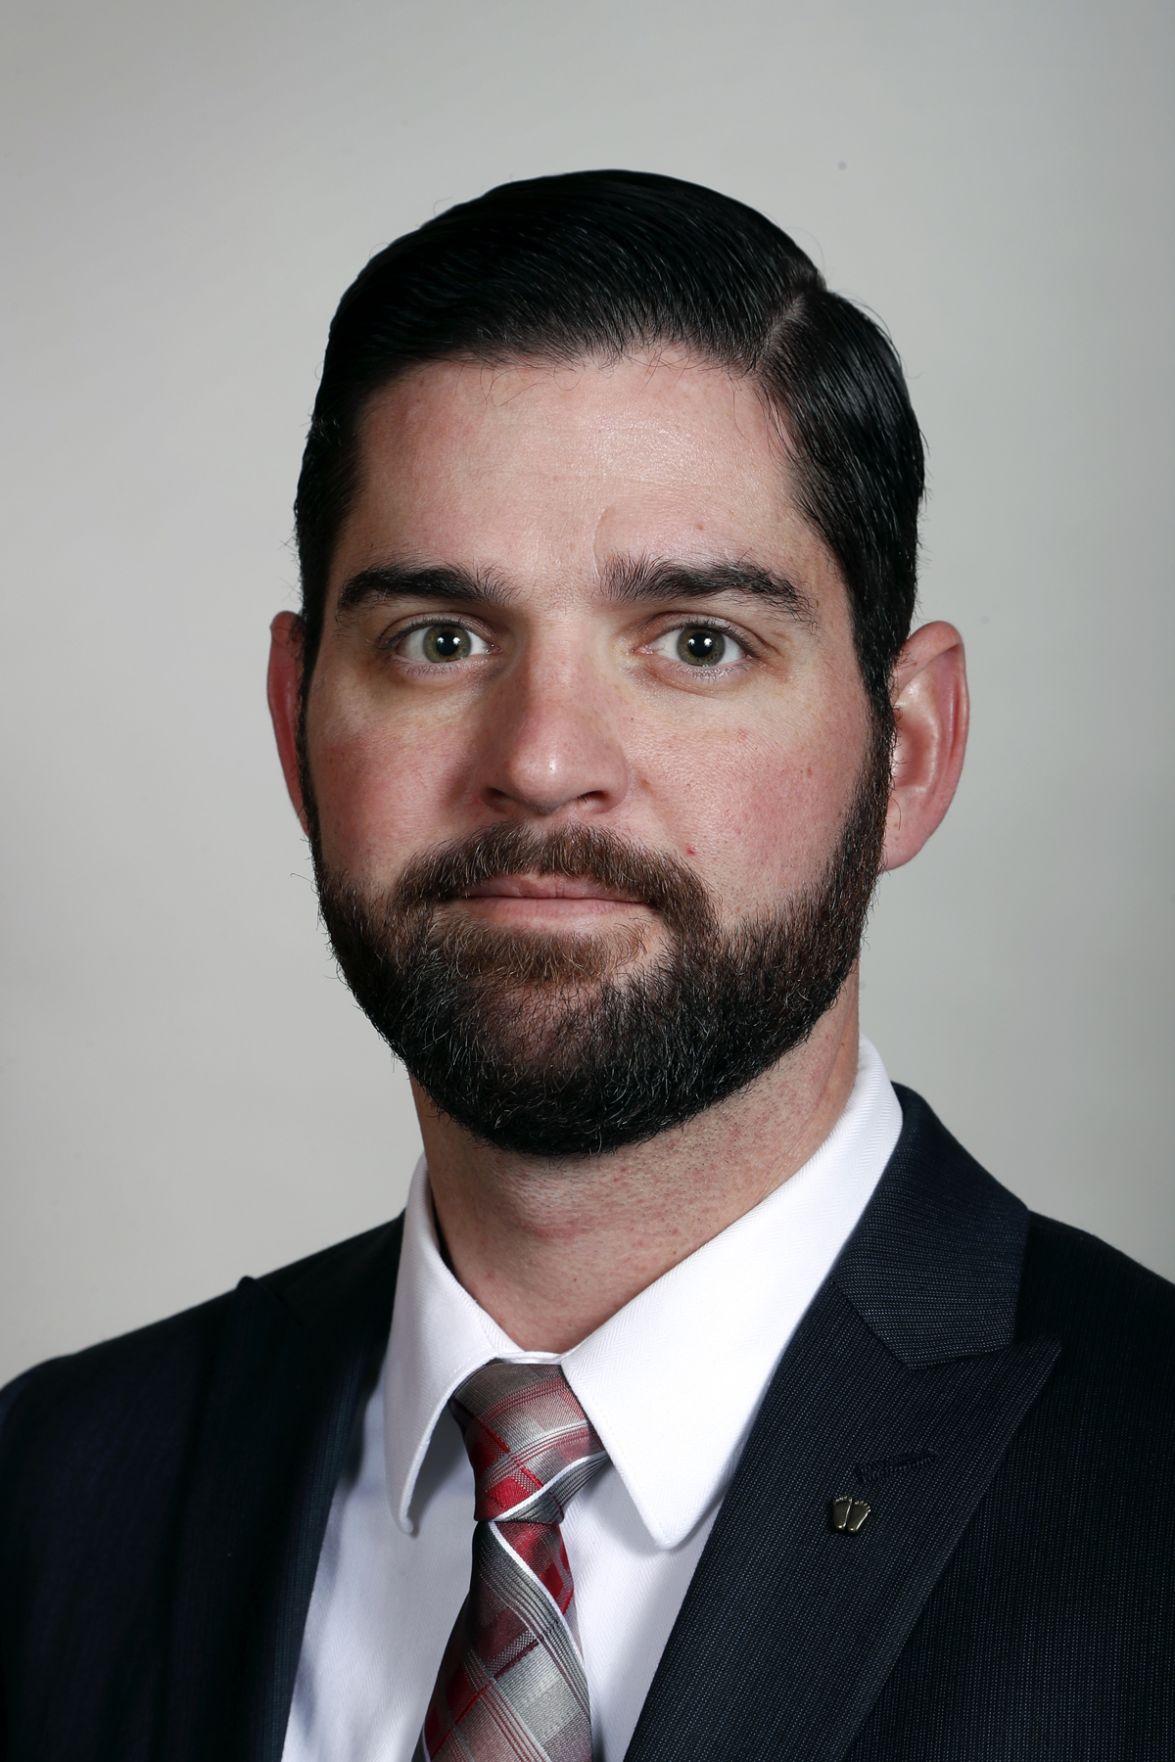 Iowa state Rep. Matt Windschitl